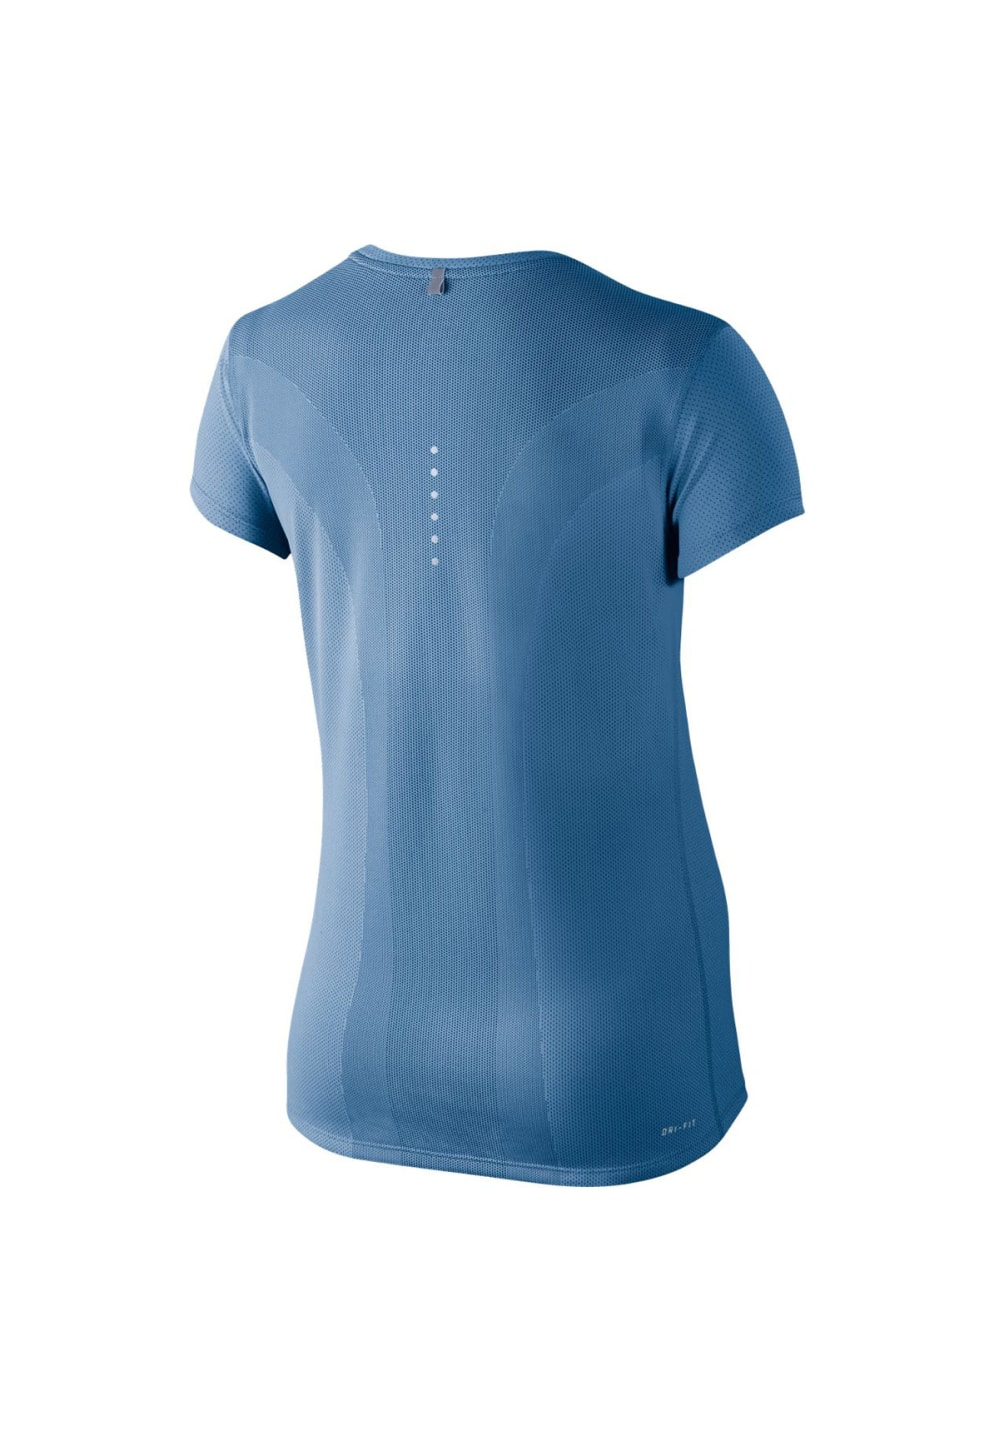 Nike Contour Running T-Shirt - Laufshirts für Damen - Blau